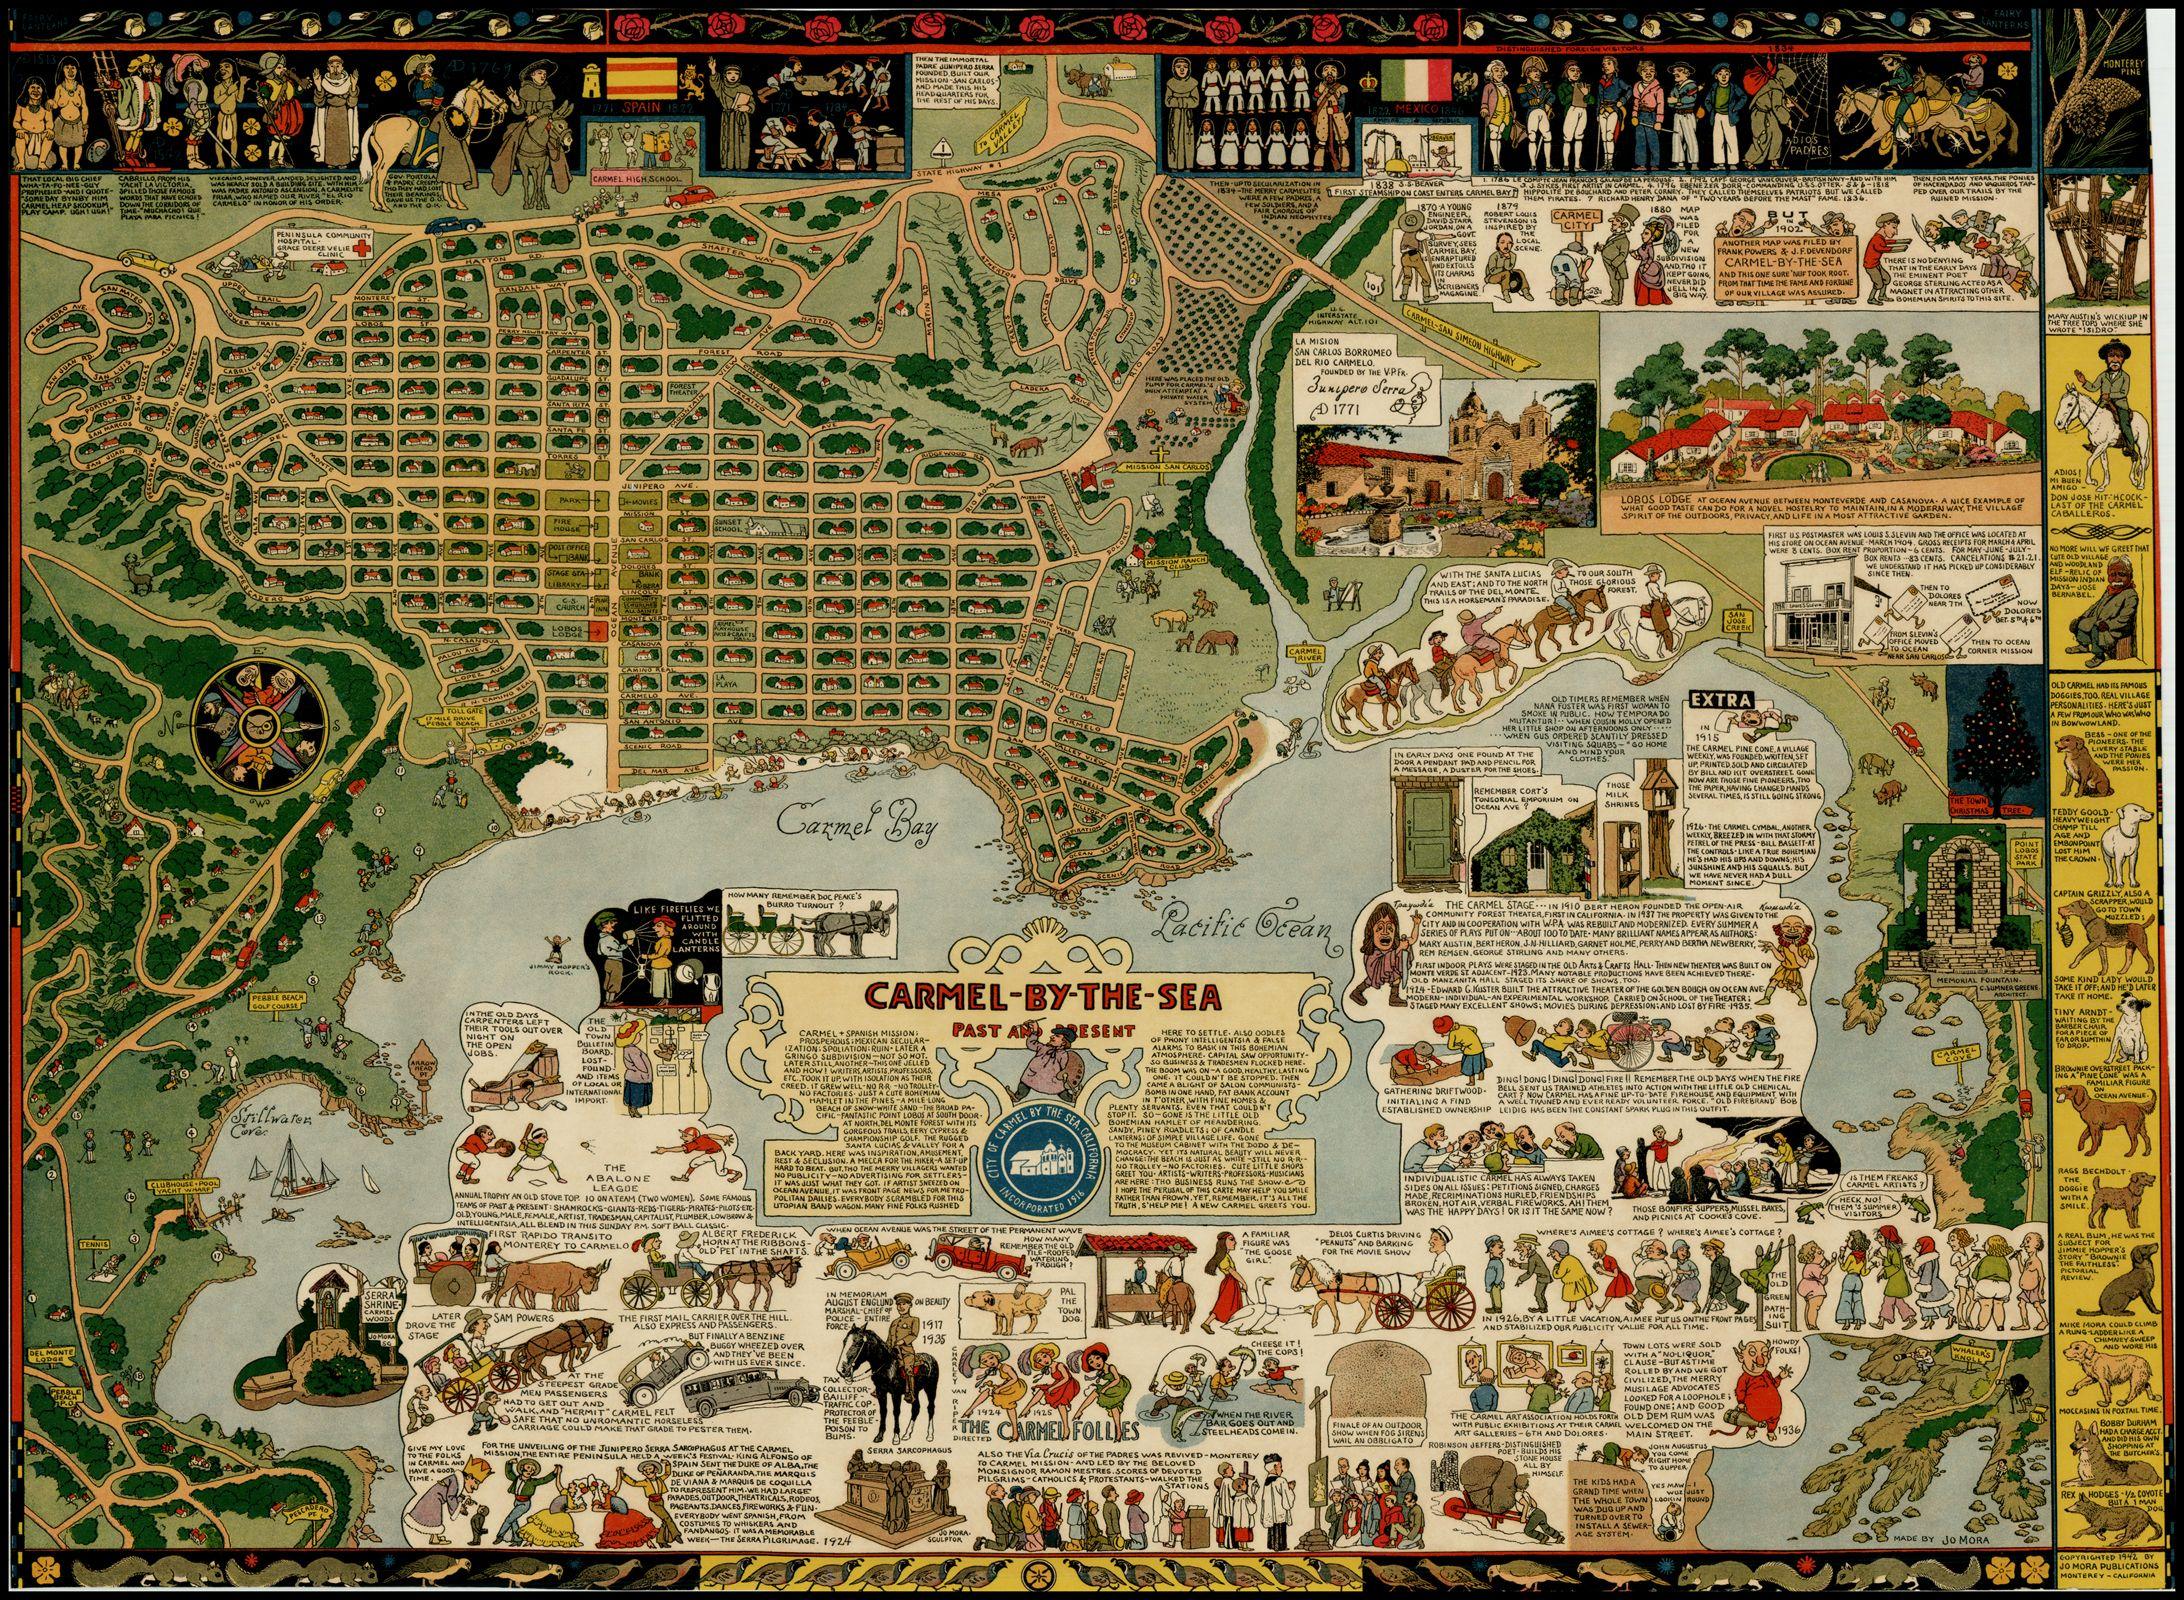 Jo Mora Carmel By The Sea Maps Pinterest - Jo mora los angeles map